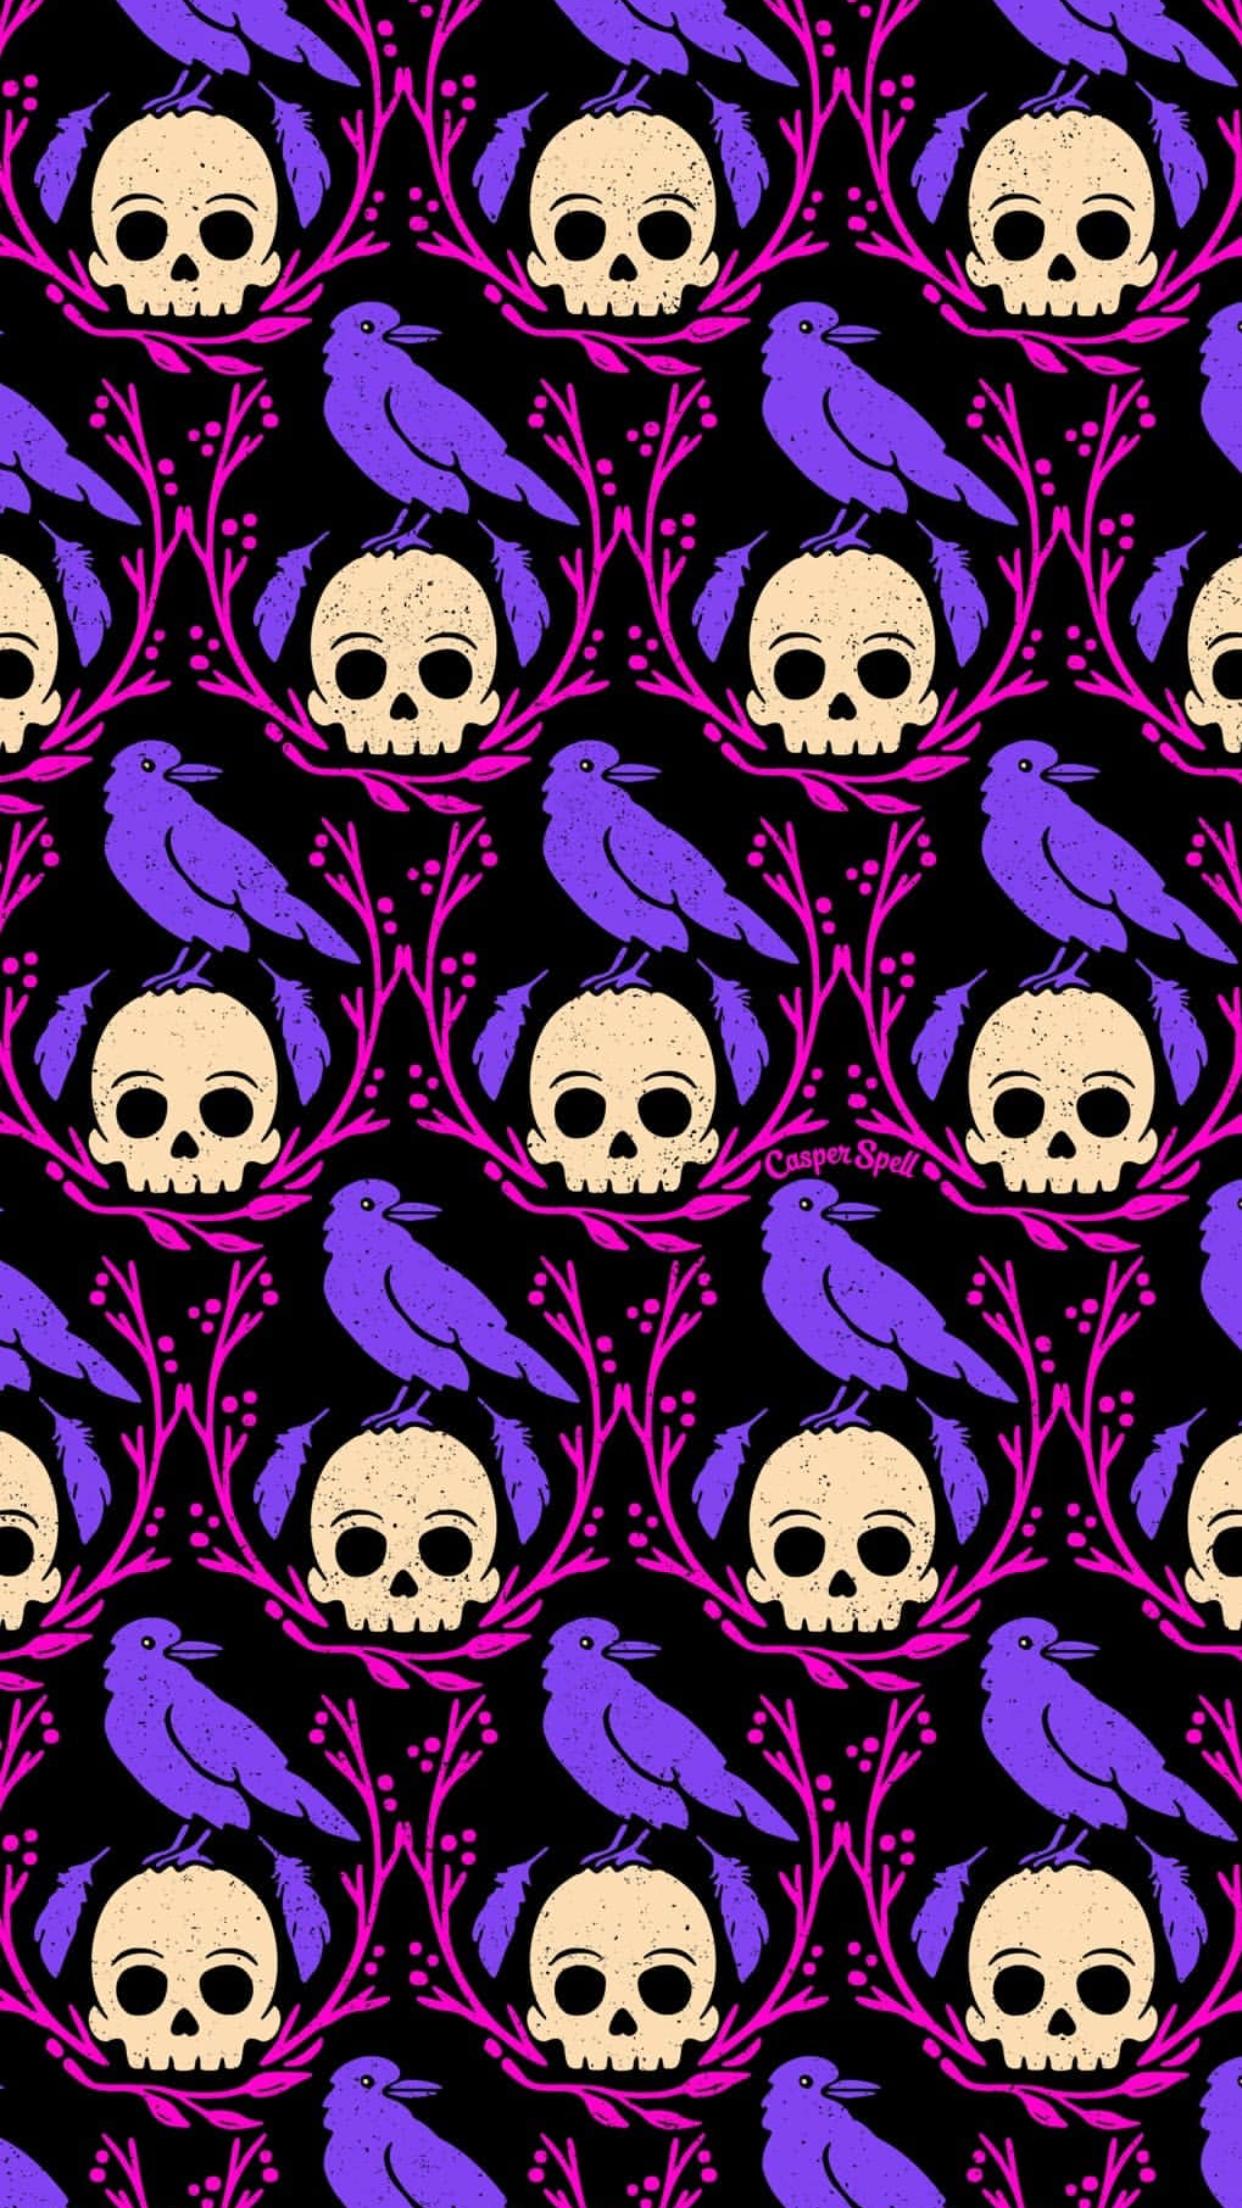 Raven Skull Never More By Artist Casper Spell Halloween